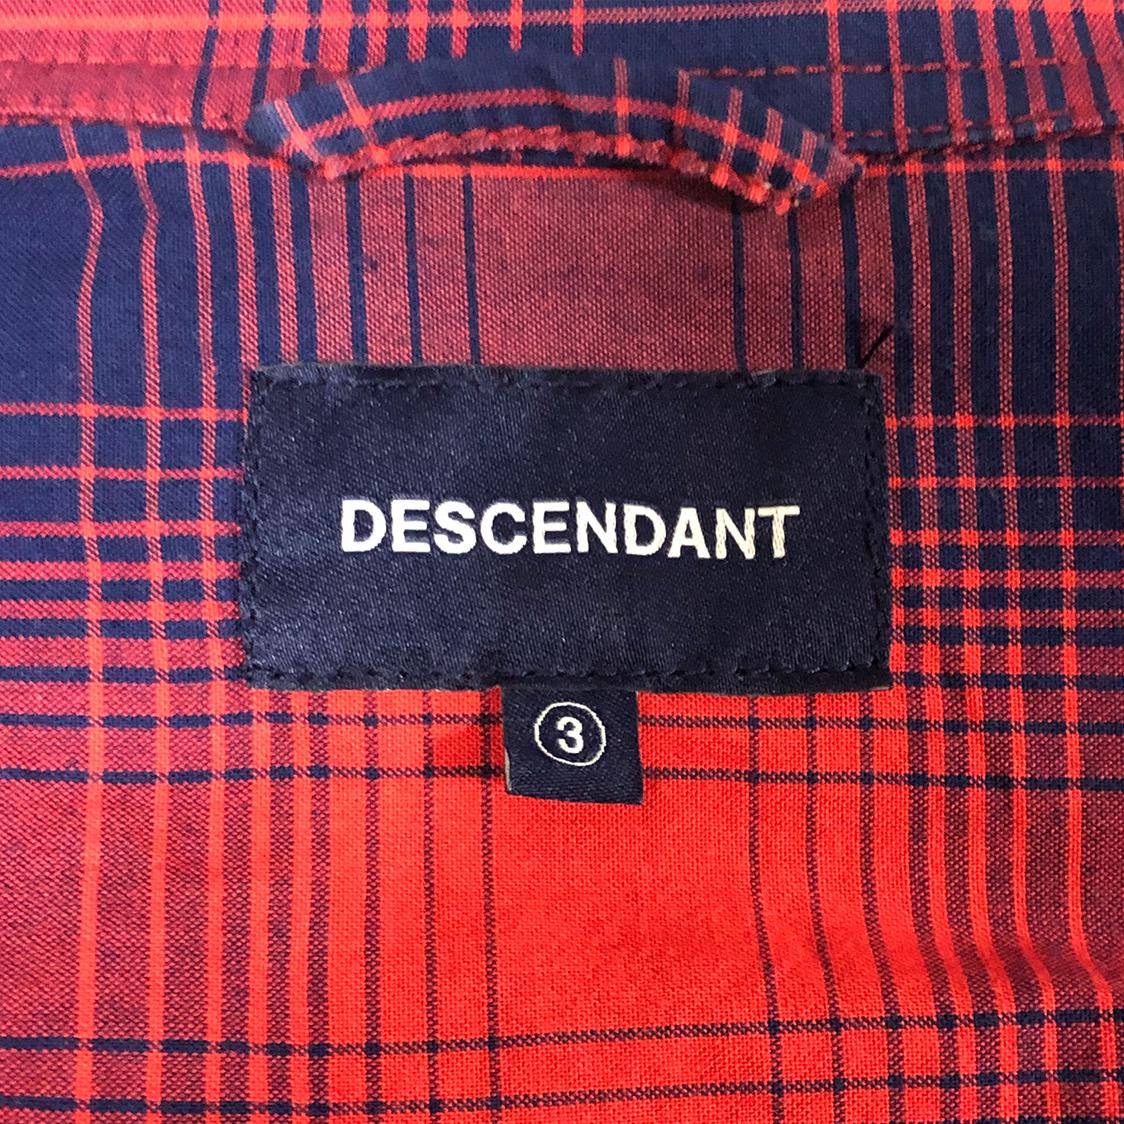 DESCENDANT ディセンダント【サイズ3】 チェック シャツ 長袖 レッド ネイビー